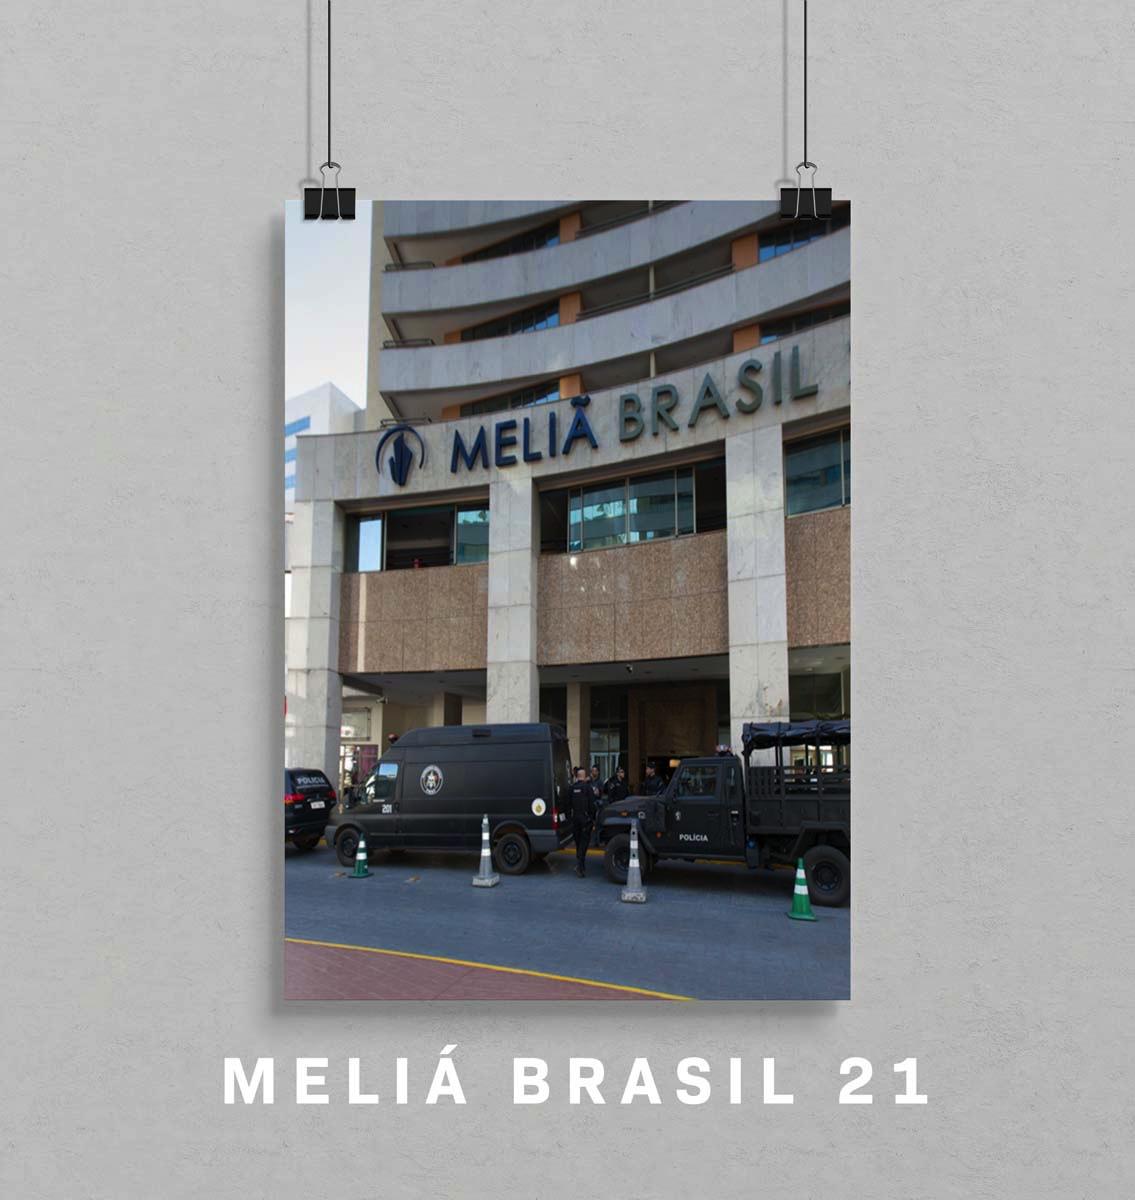 Melia Brasil 21